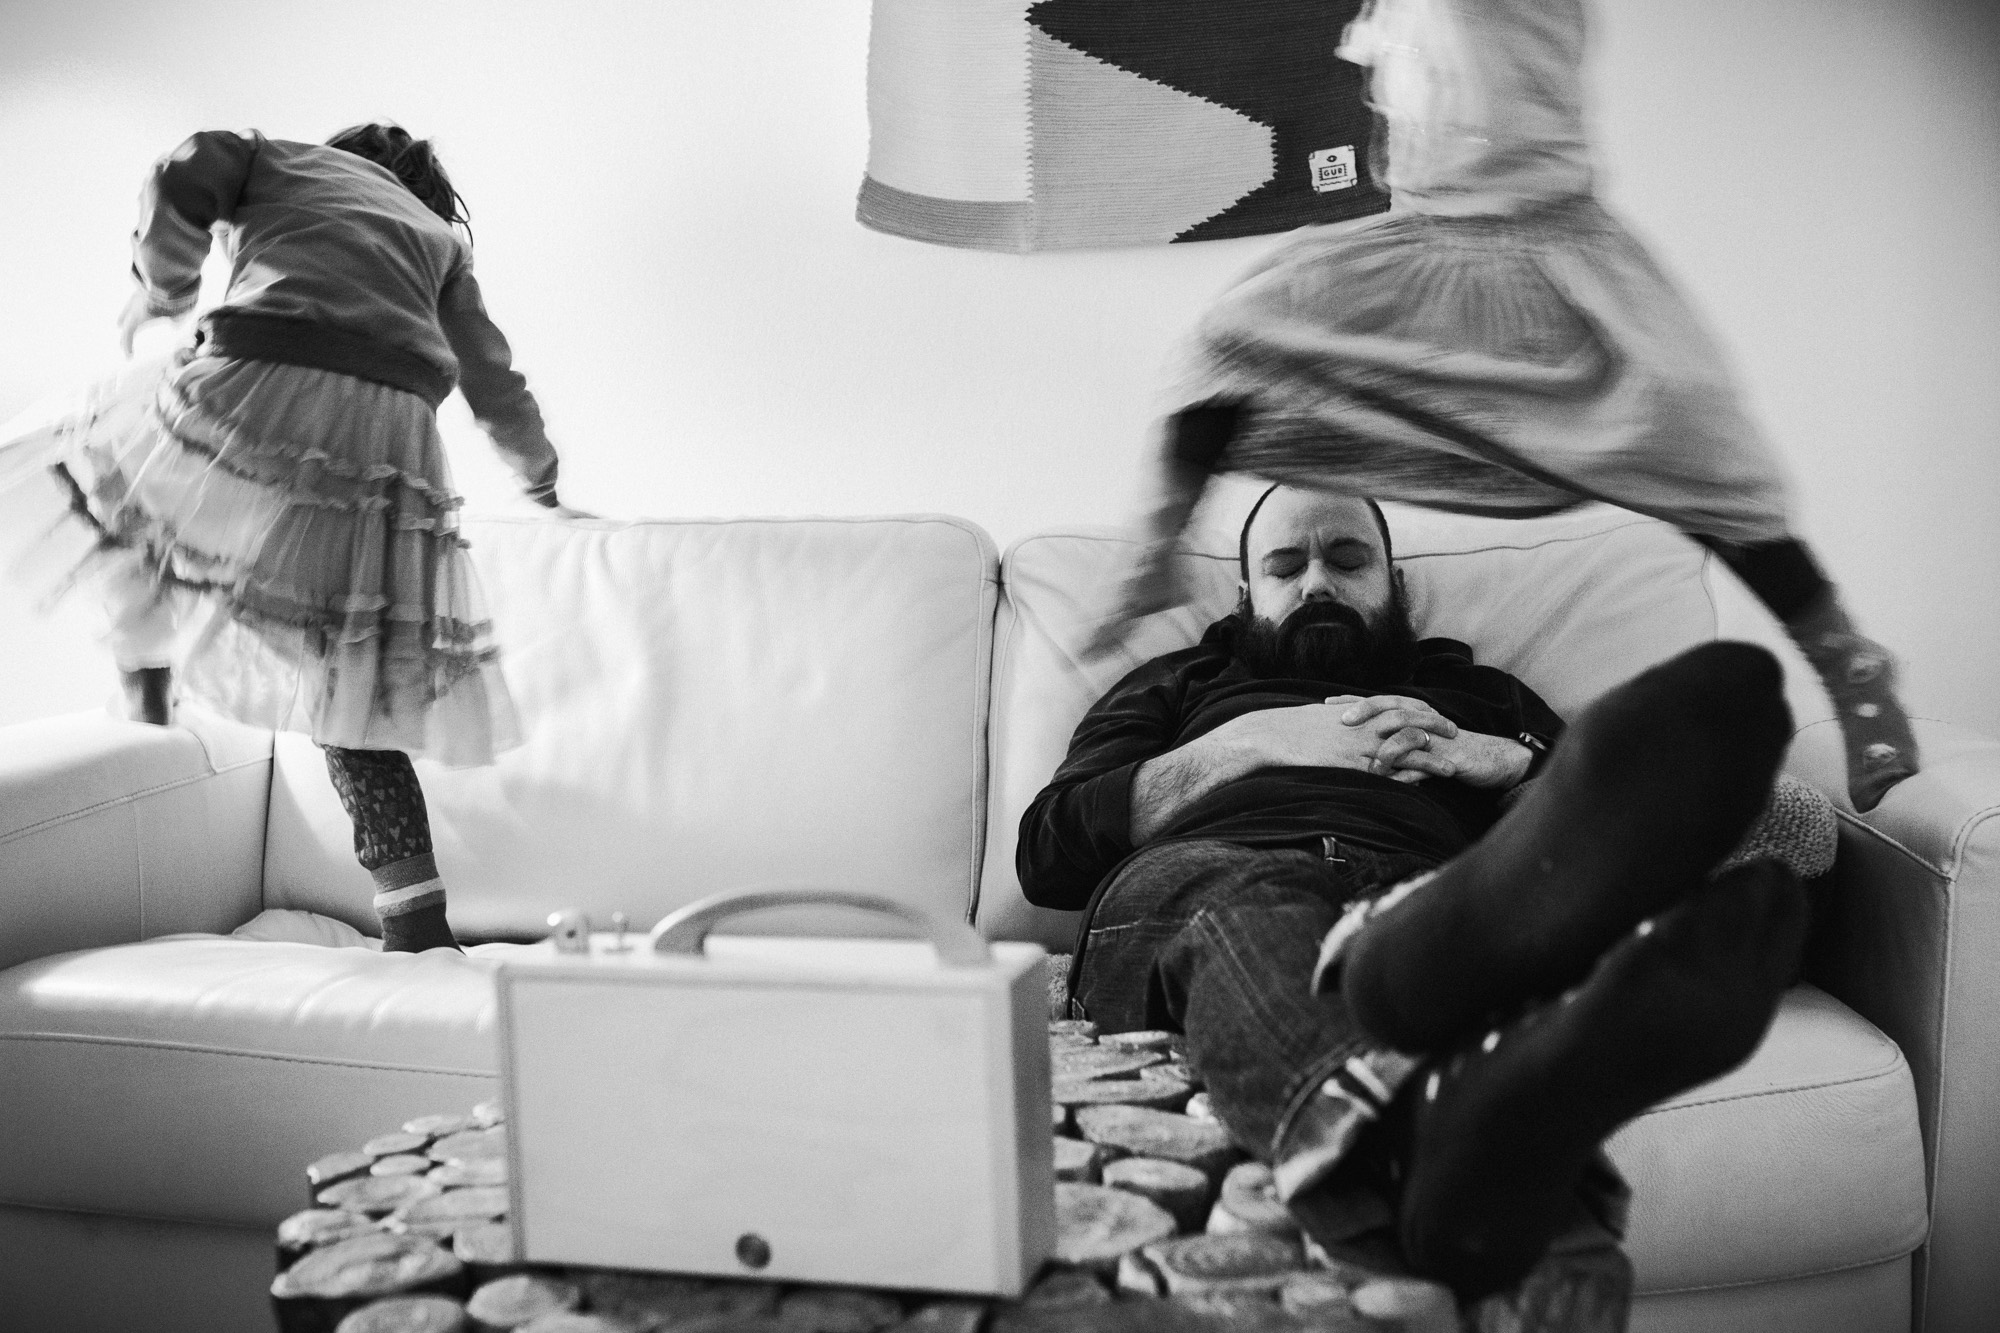 Ein Vater schläft auf der Couch. Kinder springen schnell um ihn herum.